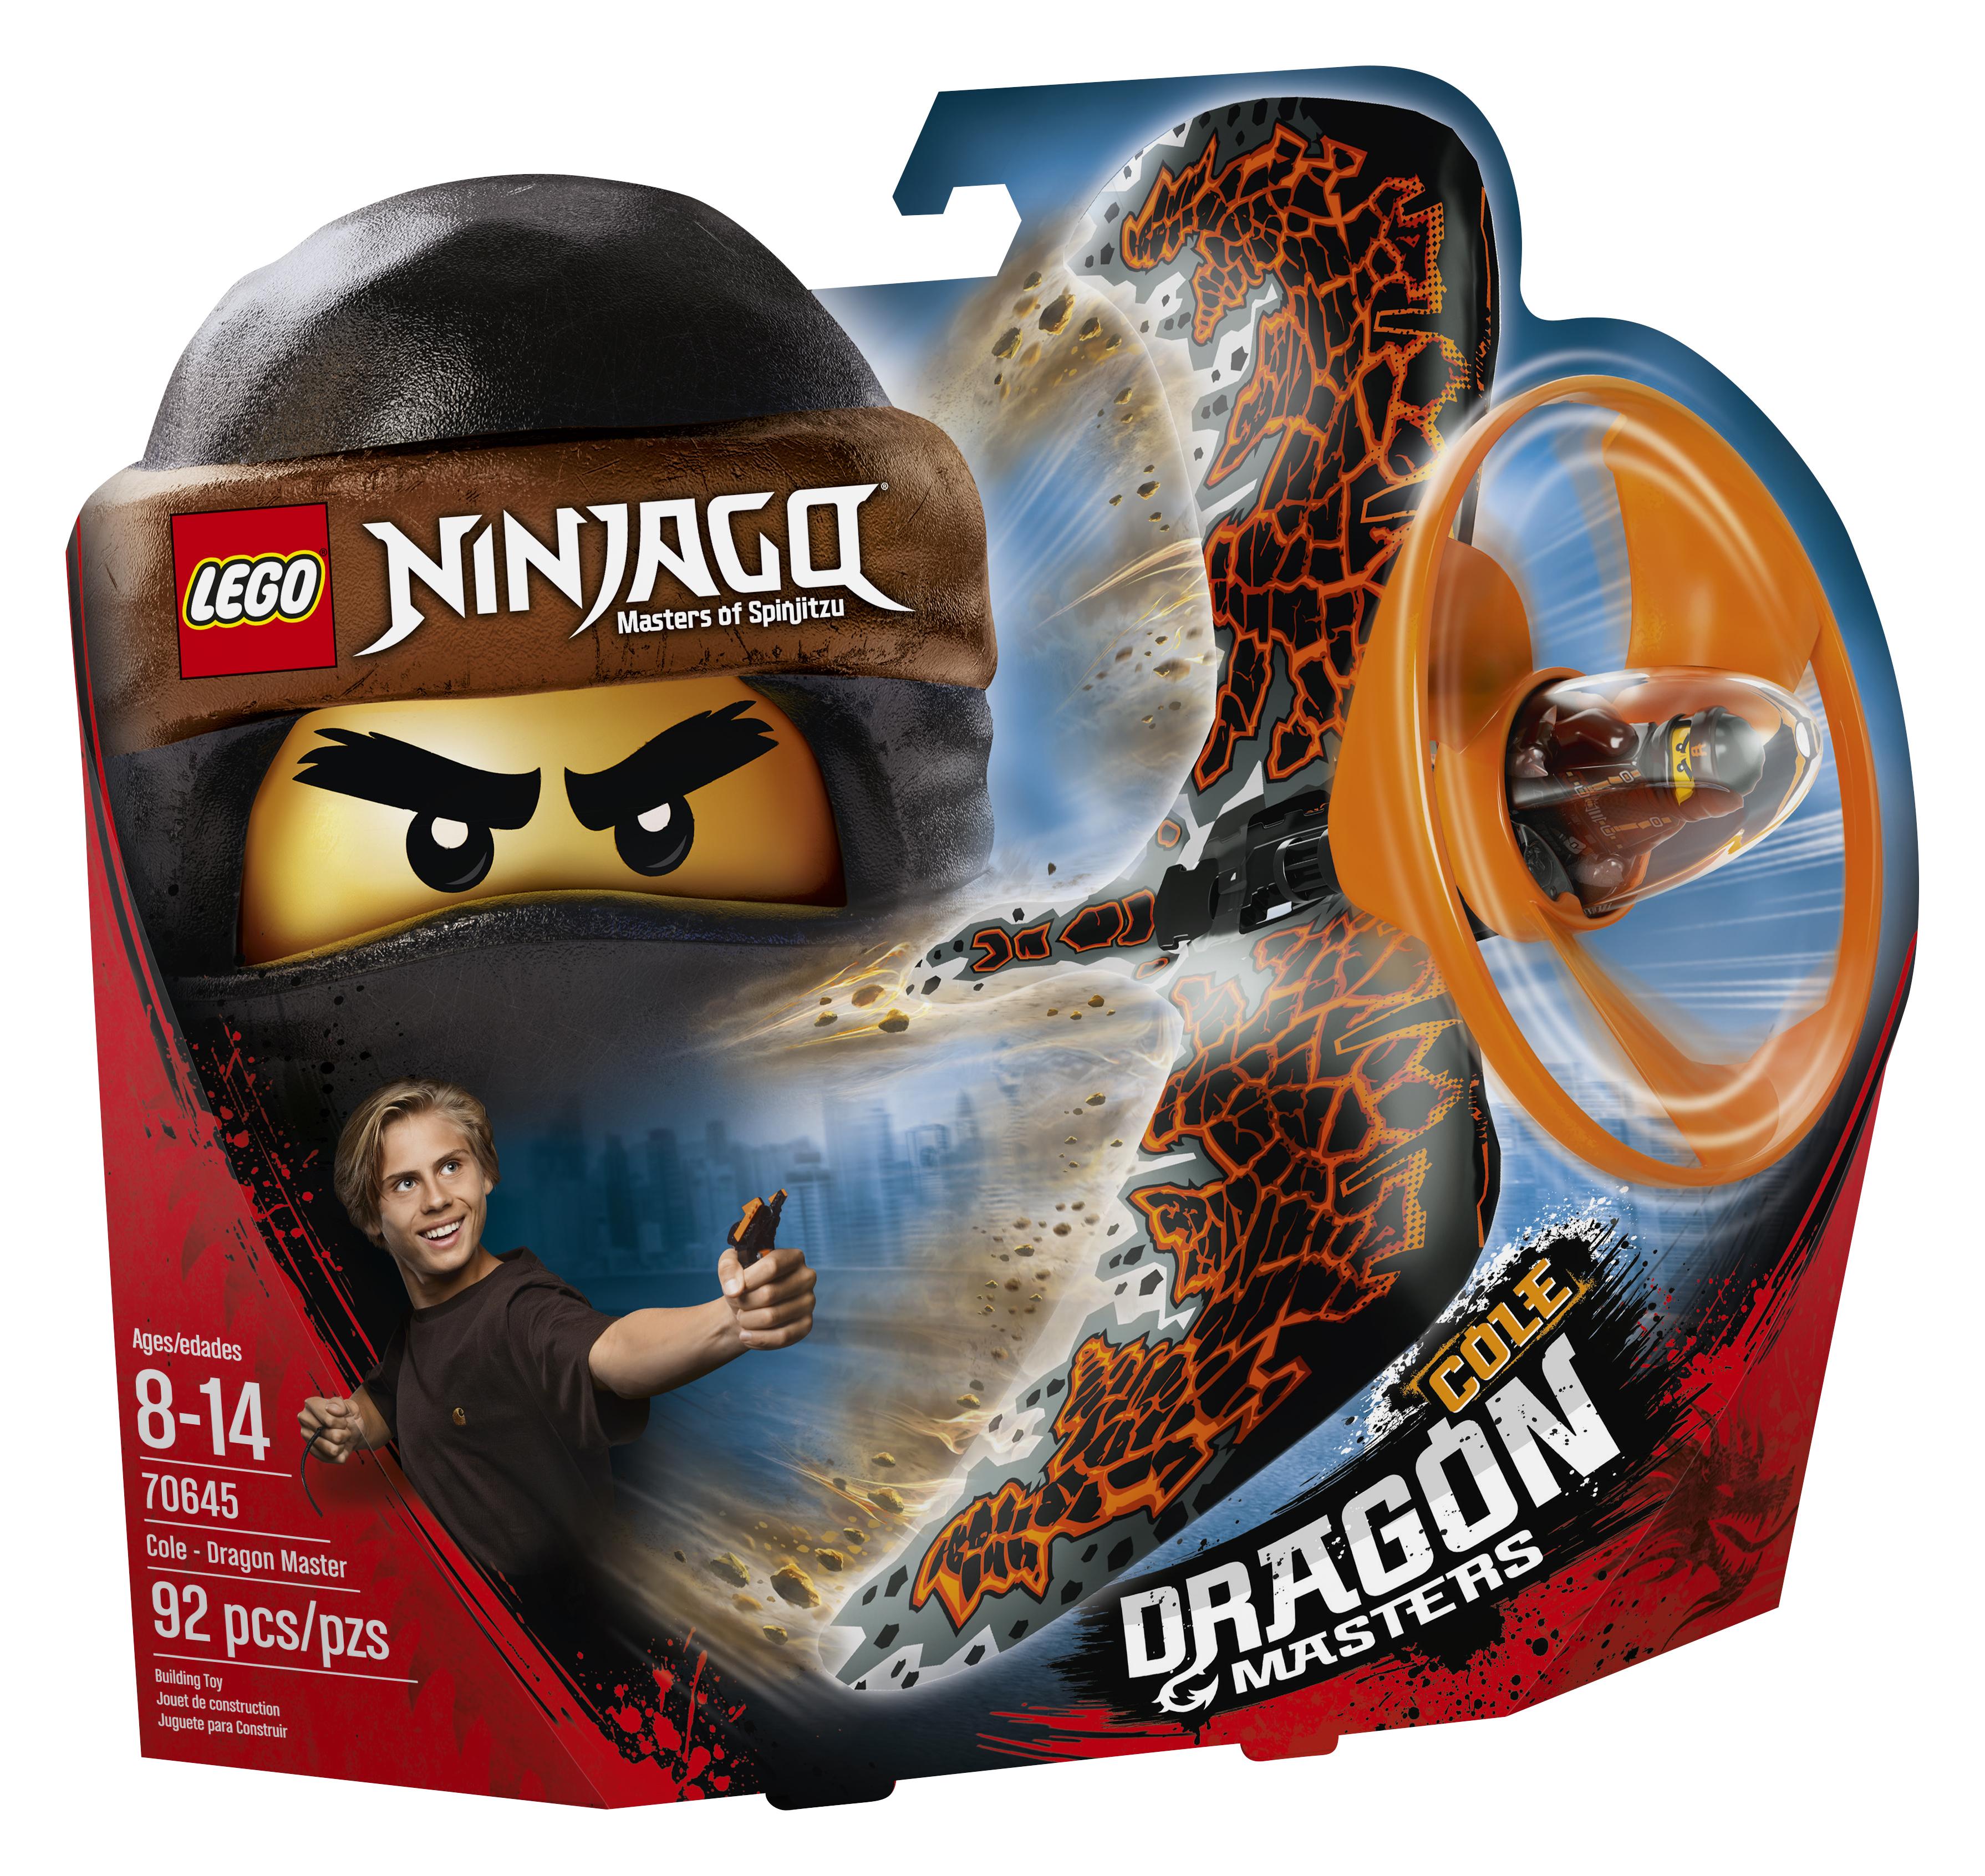 Конструктор LEGO Коул-Мастер дракона конструктор lego земляной бур коула 70669 ninjago legacy